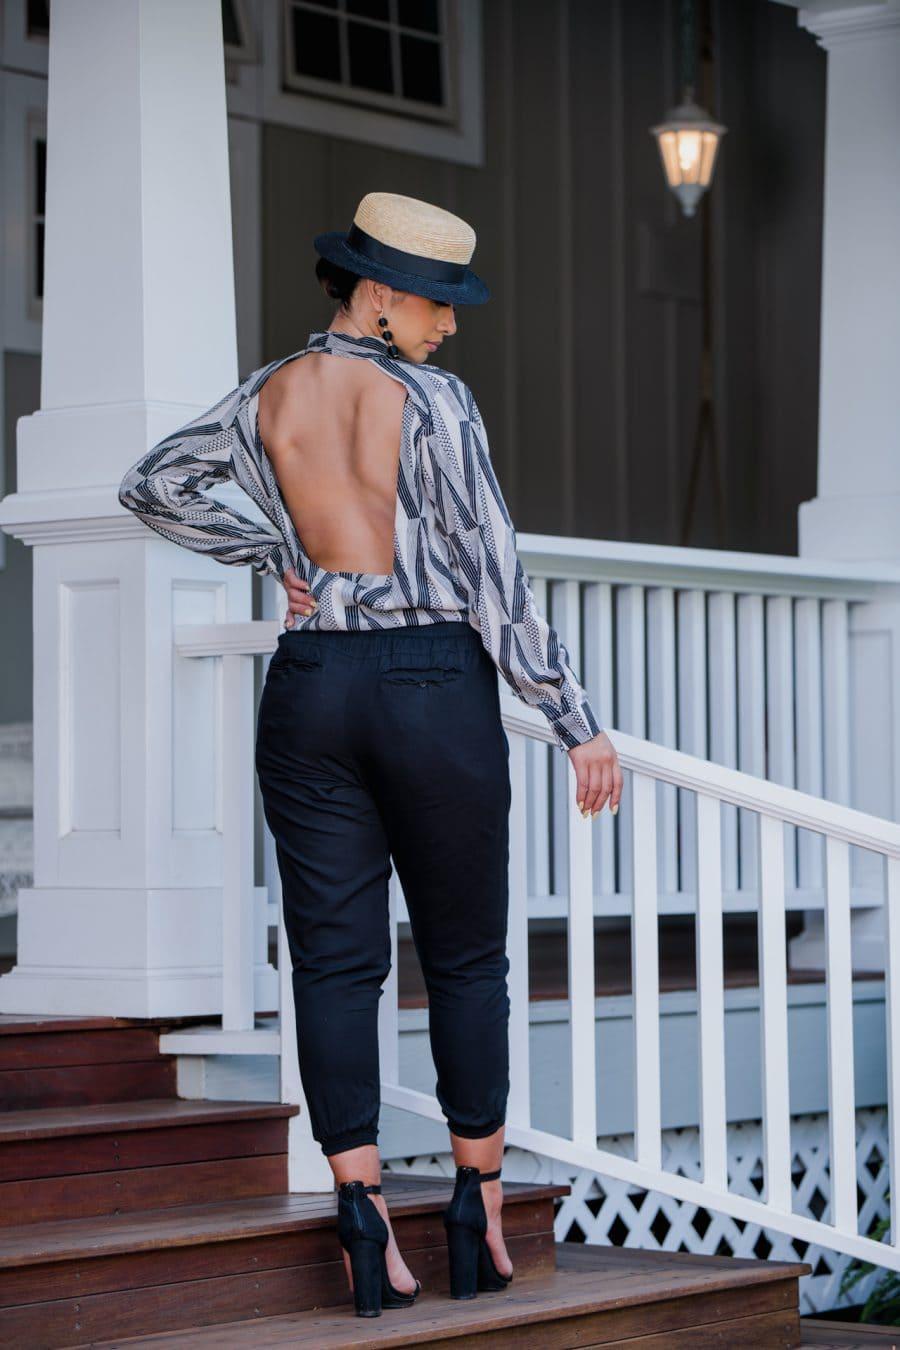 Model Wearing Top Sexetary in Windchine Black Kanaloa Pattern - Back View